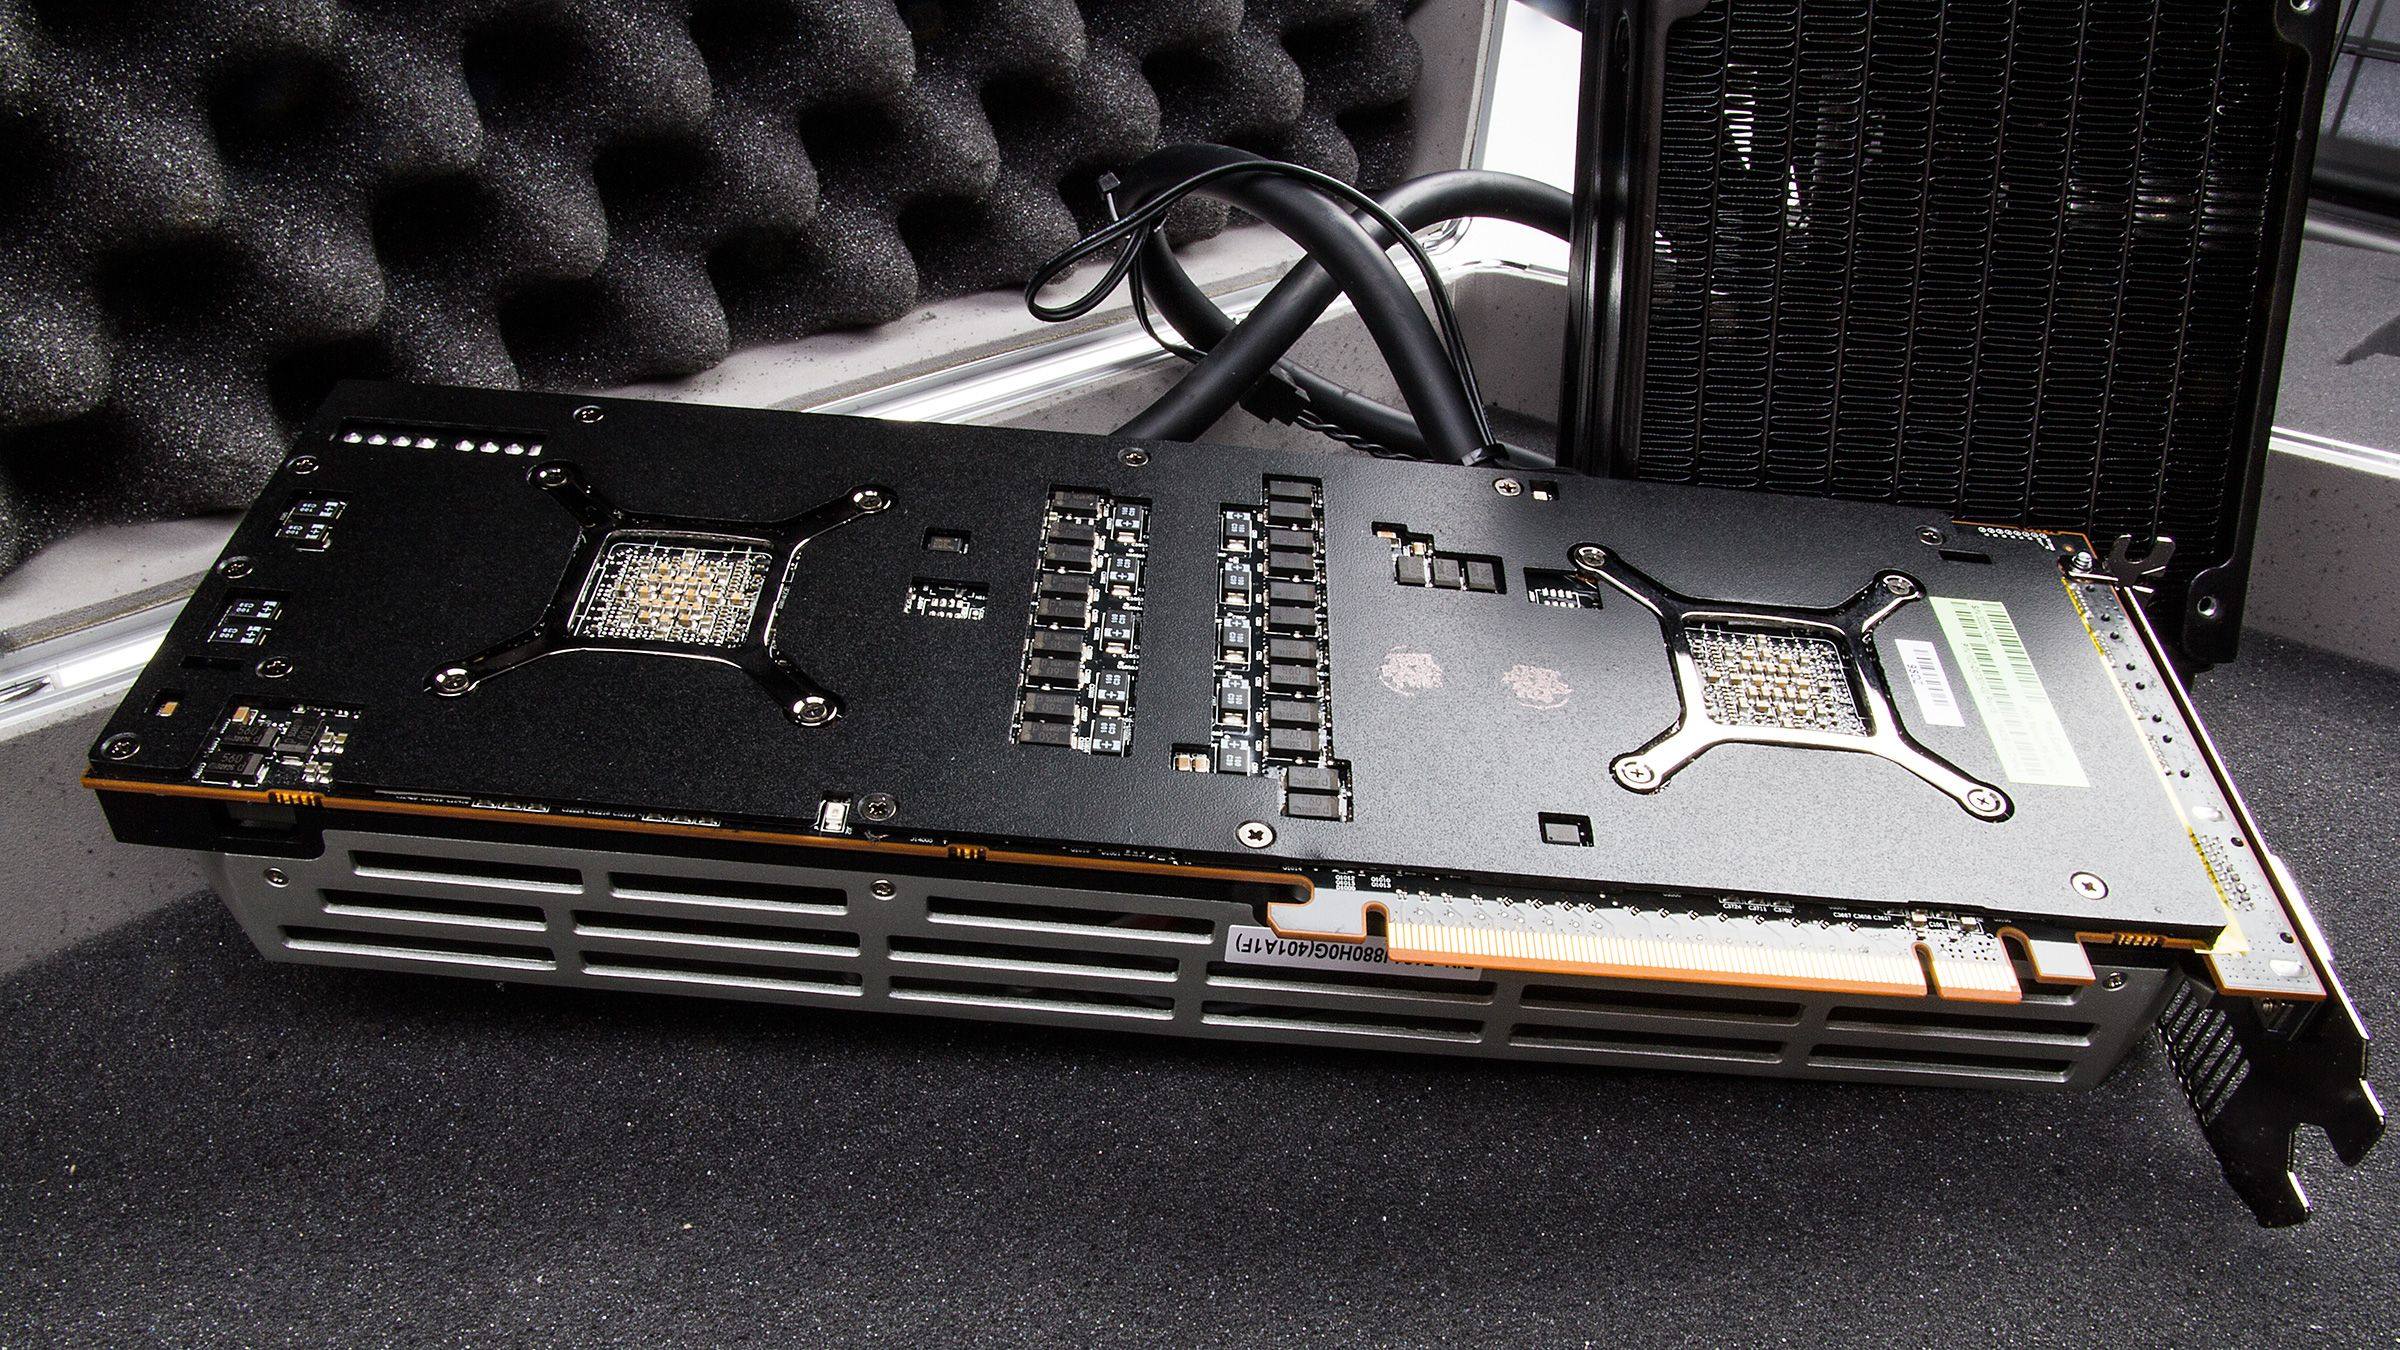 En kraftig matt sort bakplate bør hjelpe litt på kjøleegenskapene, men også sikre at kortet holder seg stivt og stabilt.Foto: Varg Aamo, Hardware.no